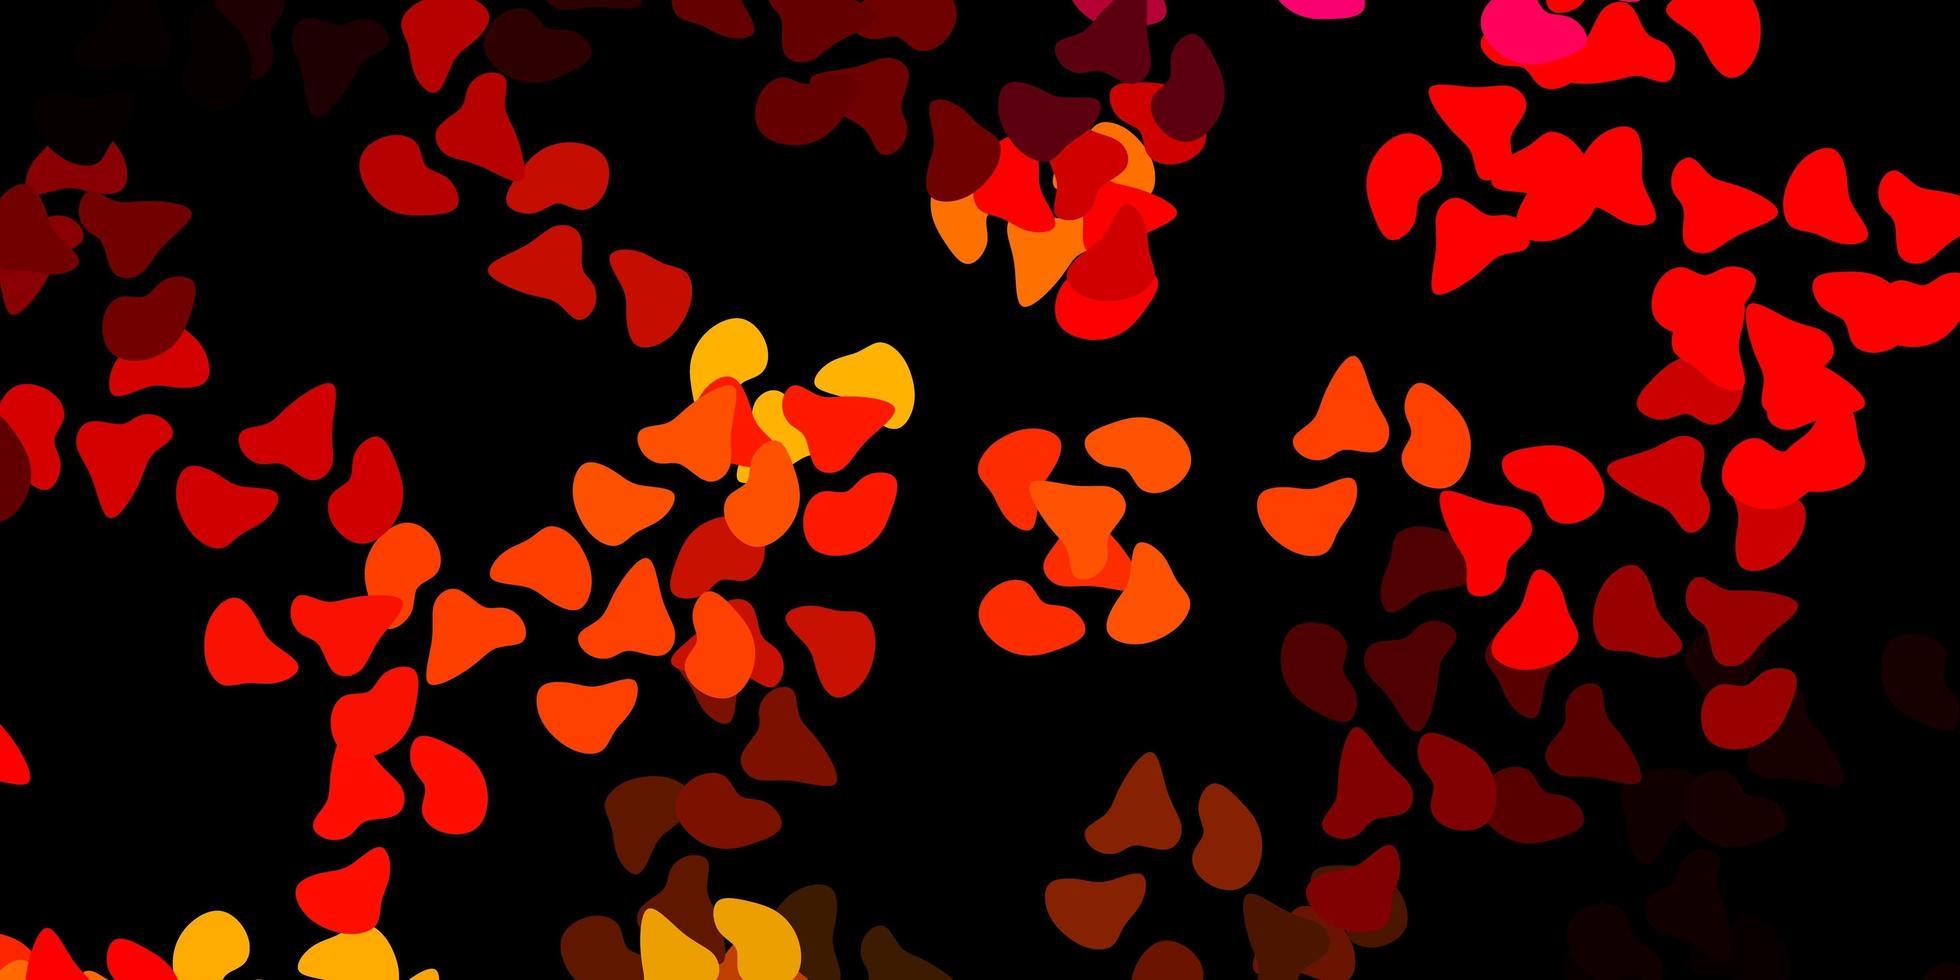 patrón rojo oscuro con formas abstractas. vector